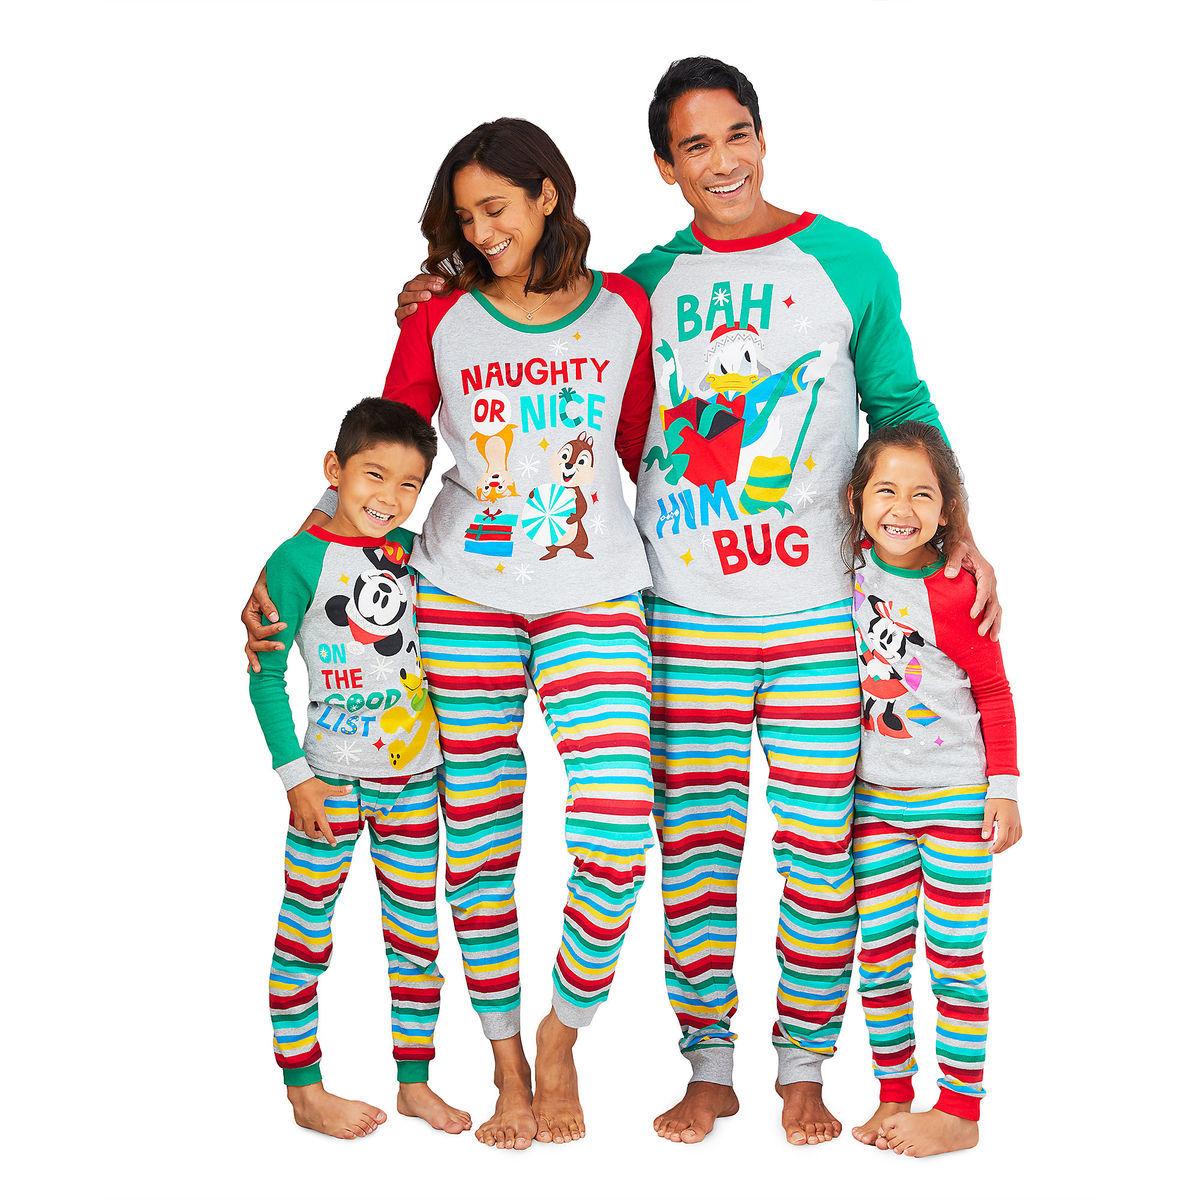 0b9e9d2c1b 10 Photo-Worthy Matching Disney Pajamas for Christmas (Nov. 2018)